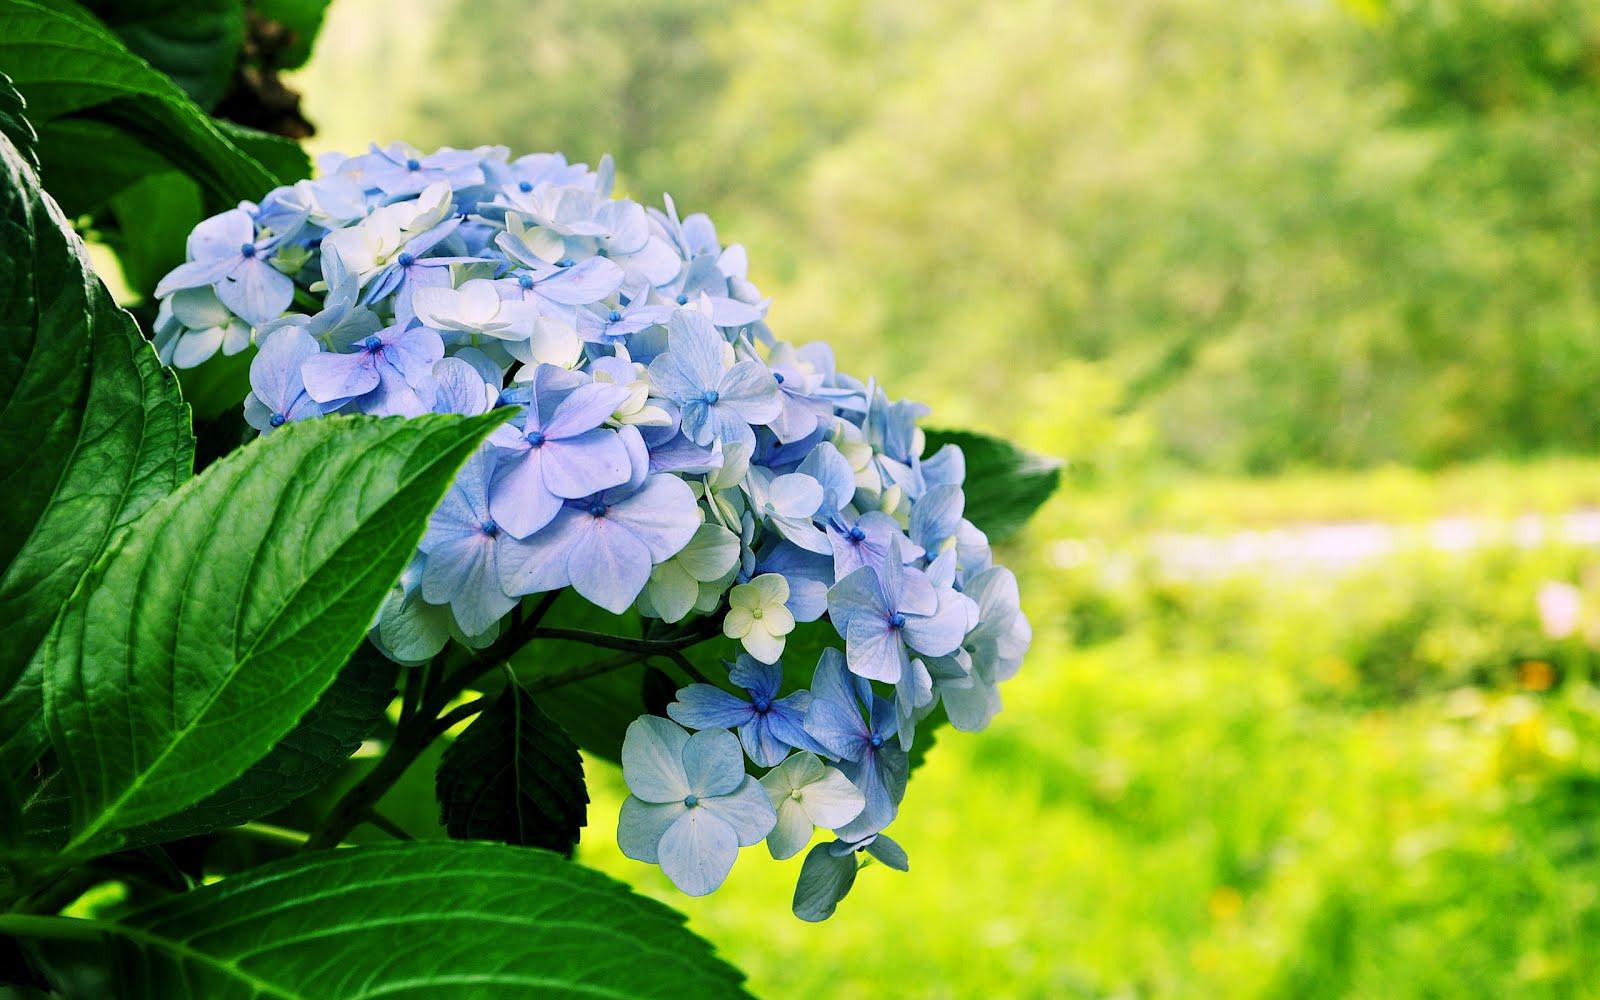 Fotos De Flores De Hortensias - Hortensia Banco de Imagem Fotos 5 955 hortensia